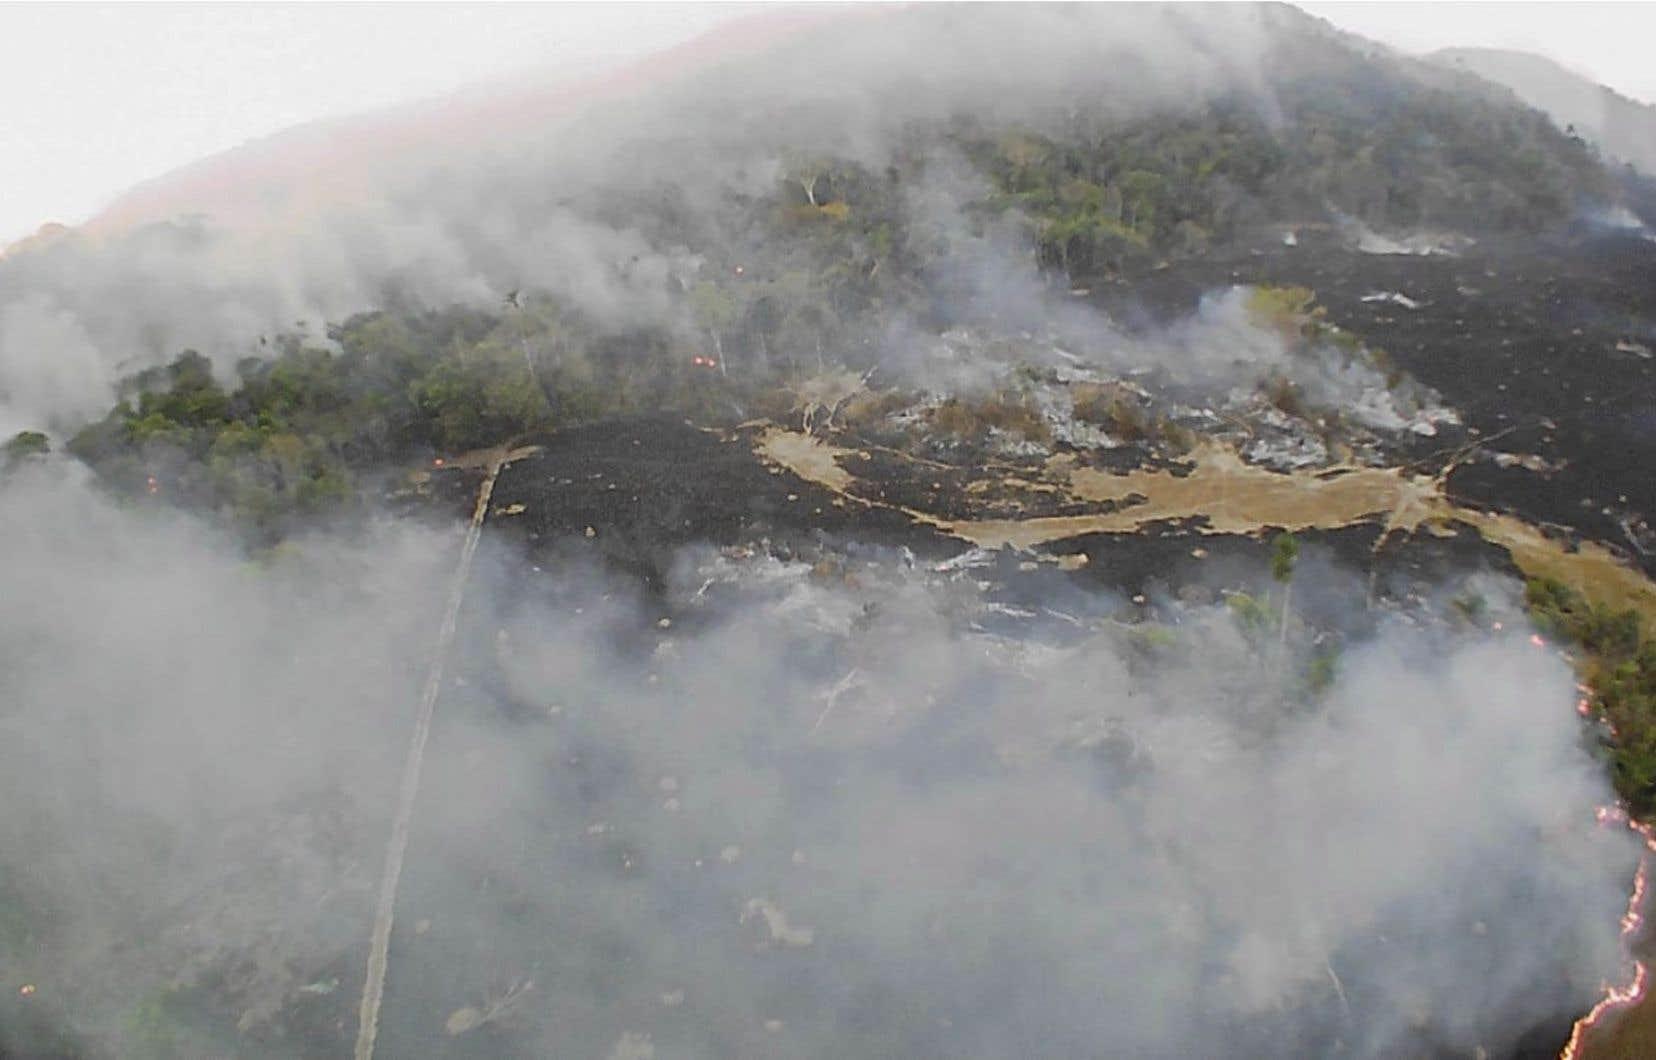 L'Institut national de recherche spatiale du Brésil, une agence fédérale qui surveille notamment la déforestation et les feux de forêt, a déclaré que le pays a connu cette année un nombre record de feux de forêt.